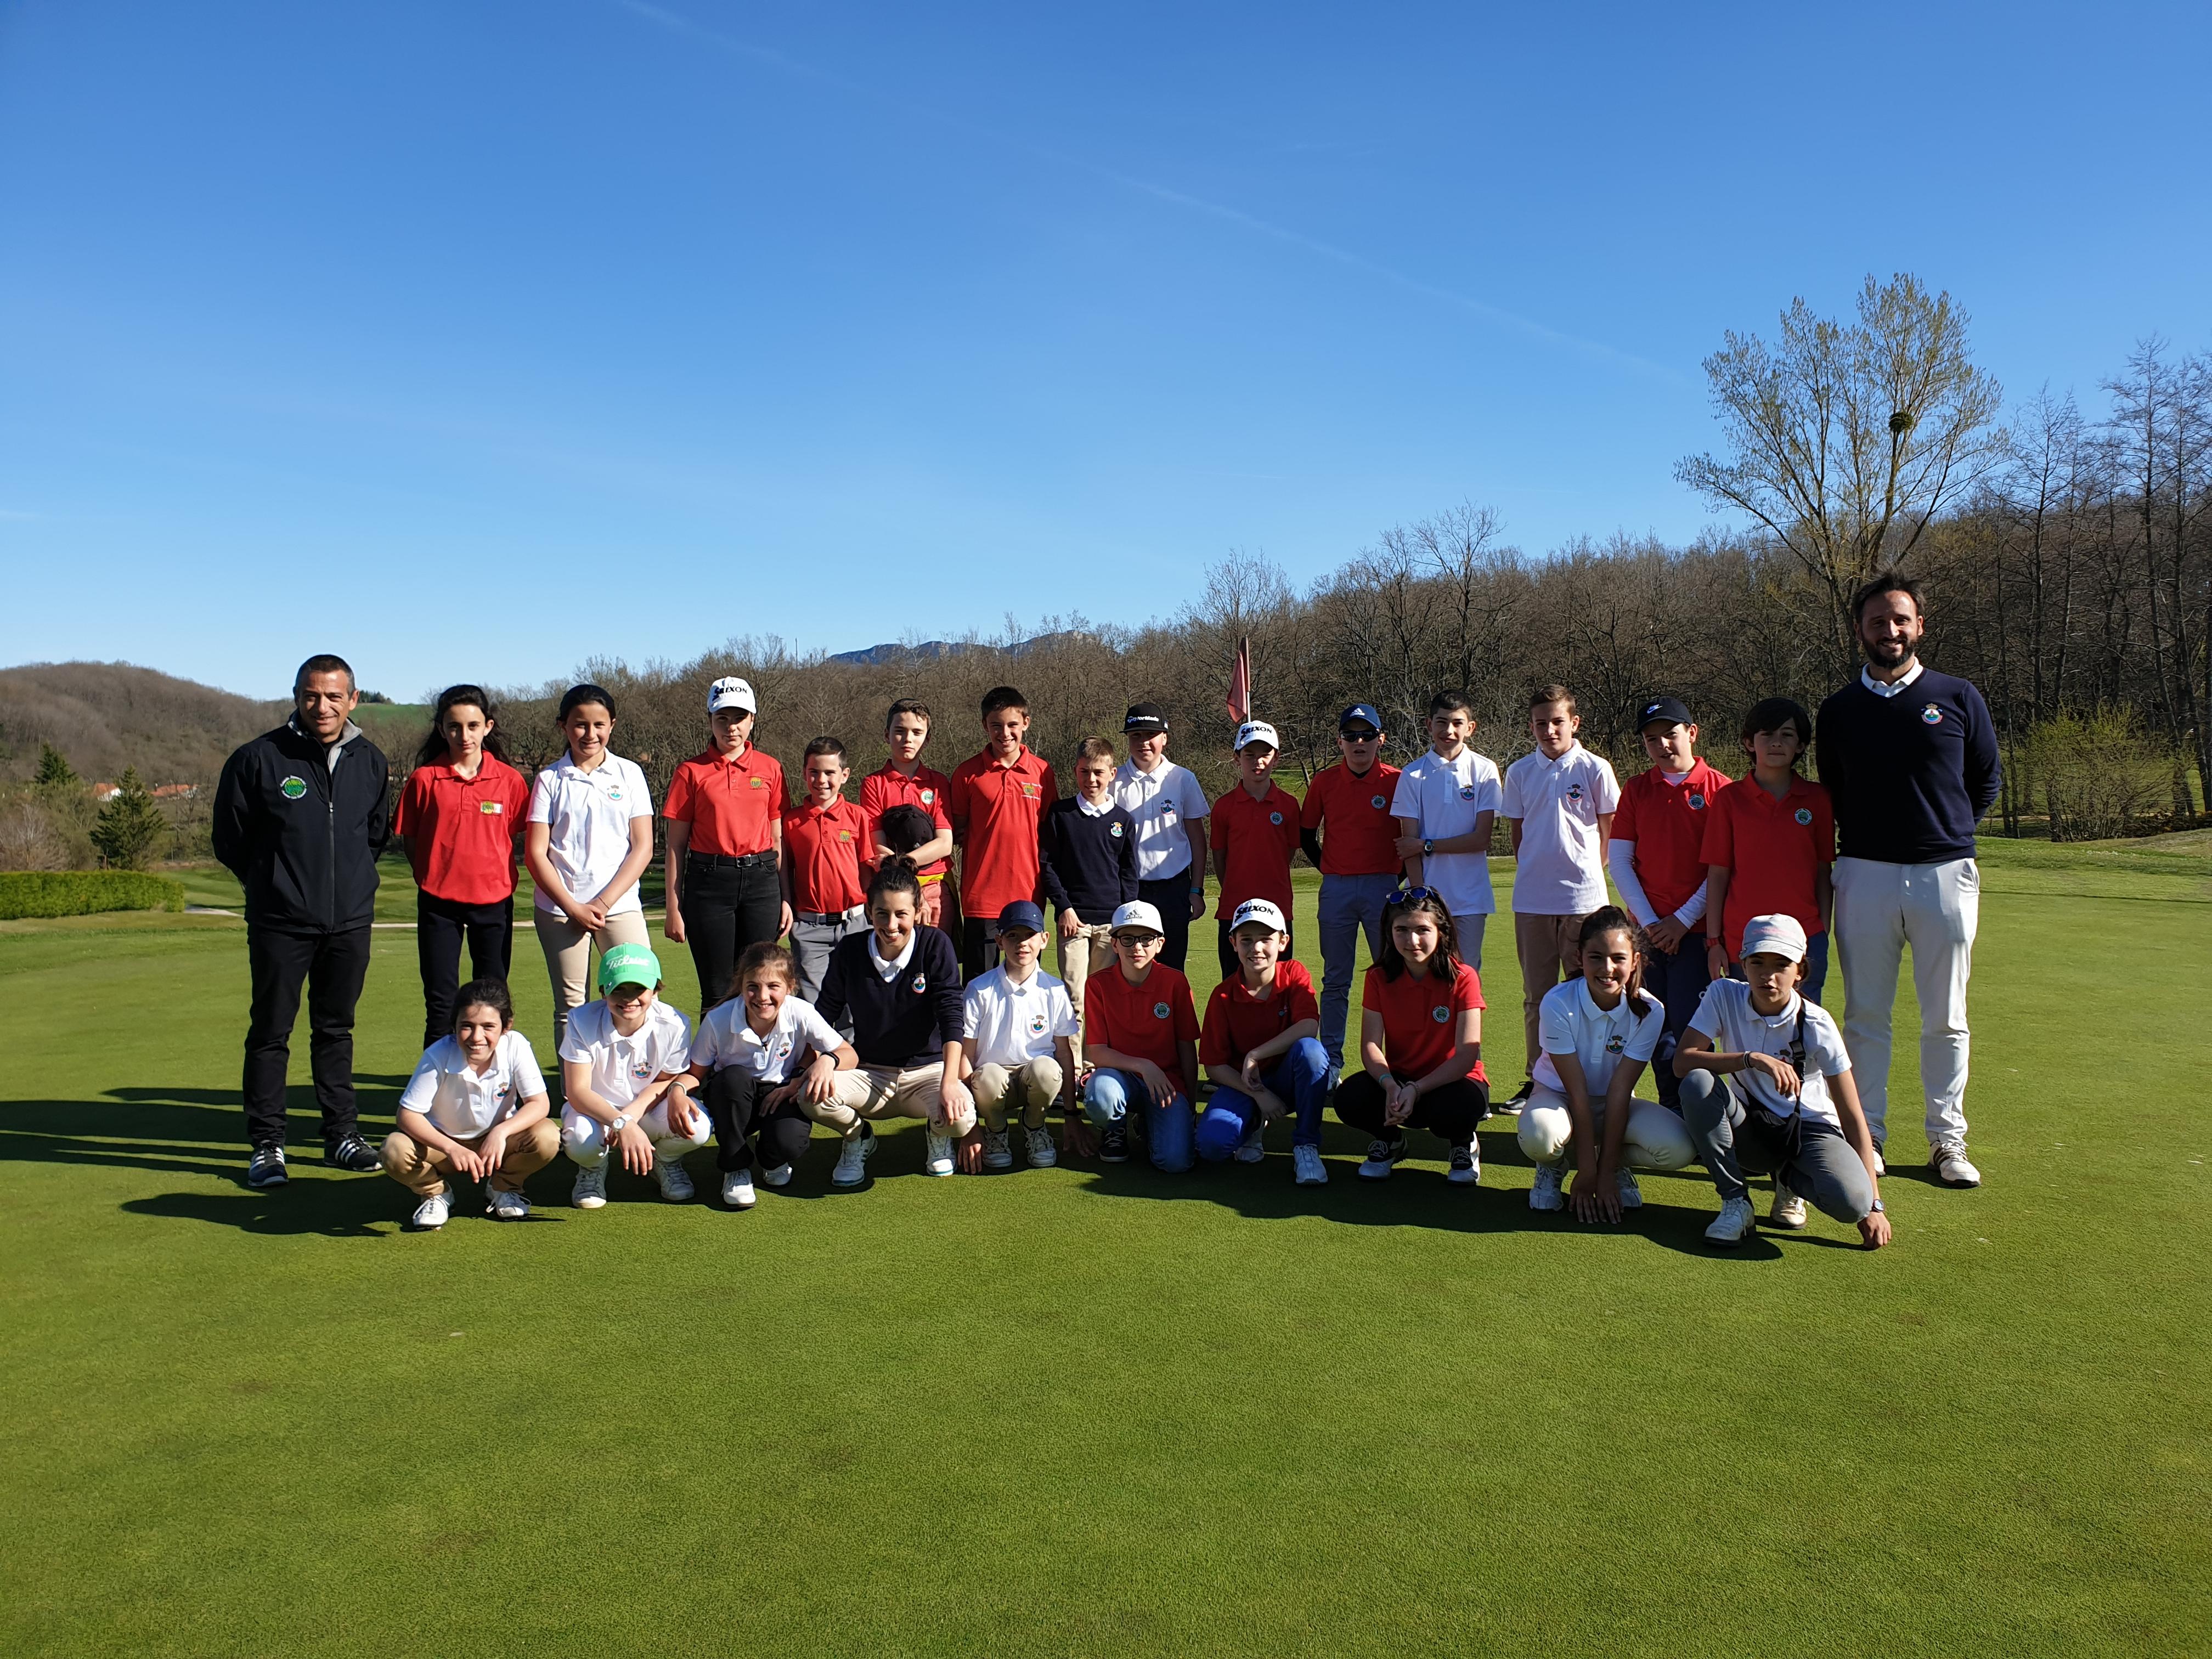 Match Infantil Federación Riojana de Golf vs Federación Alavesa de Golf 2020